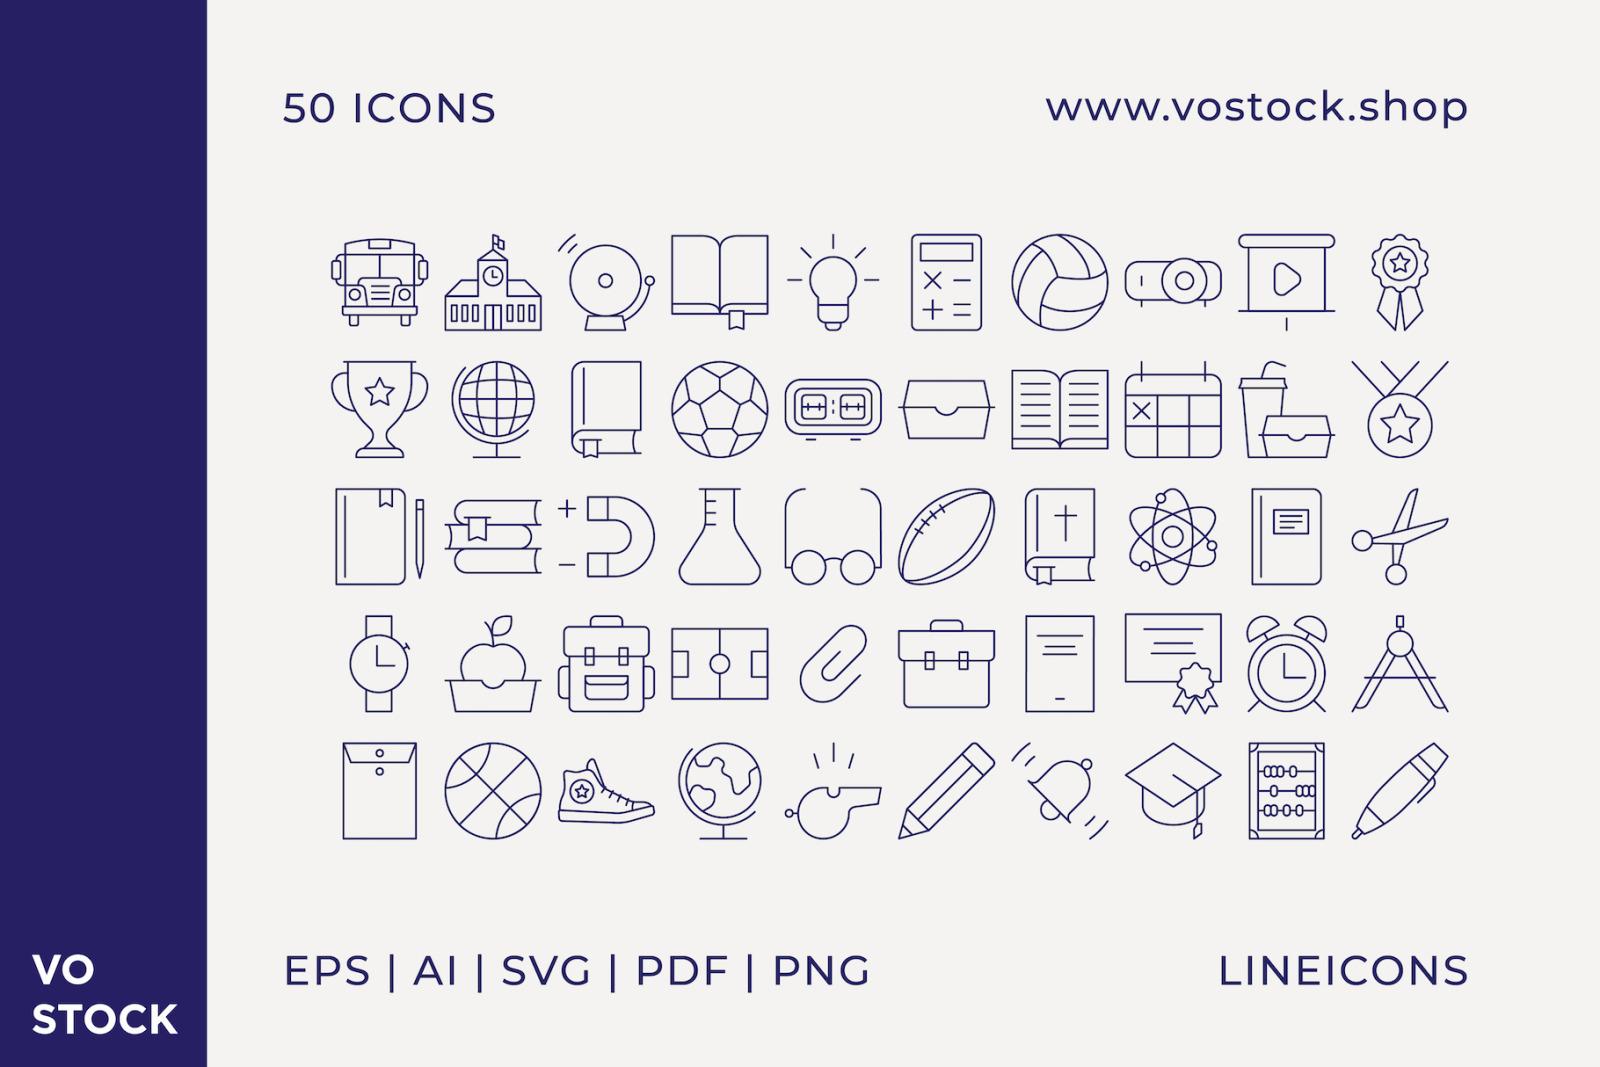 50 School Icons